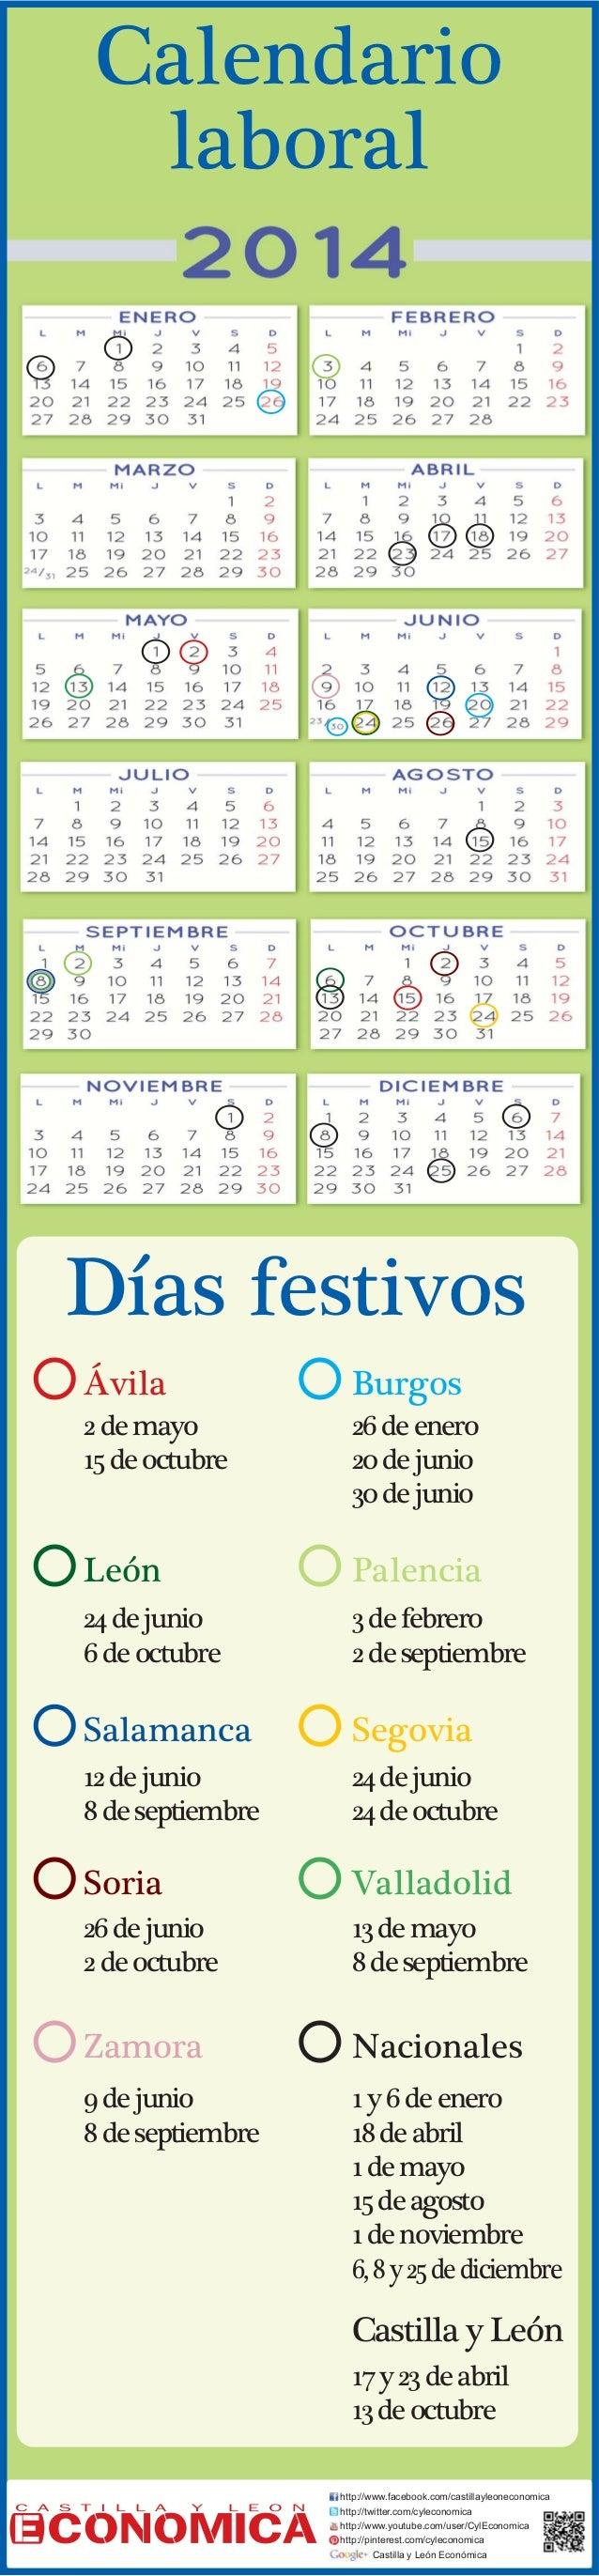 Calendario laboral  D'as festivos çvila  Burgos  2 de mayo 15 de octubre  26 de enero 20 de junio 30 de junio  Le—n  Palen...